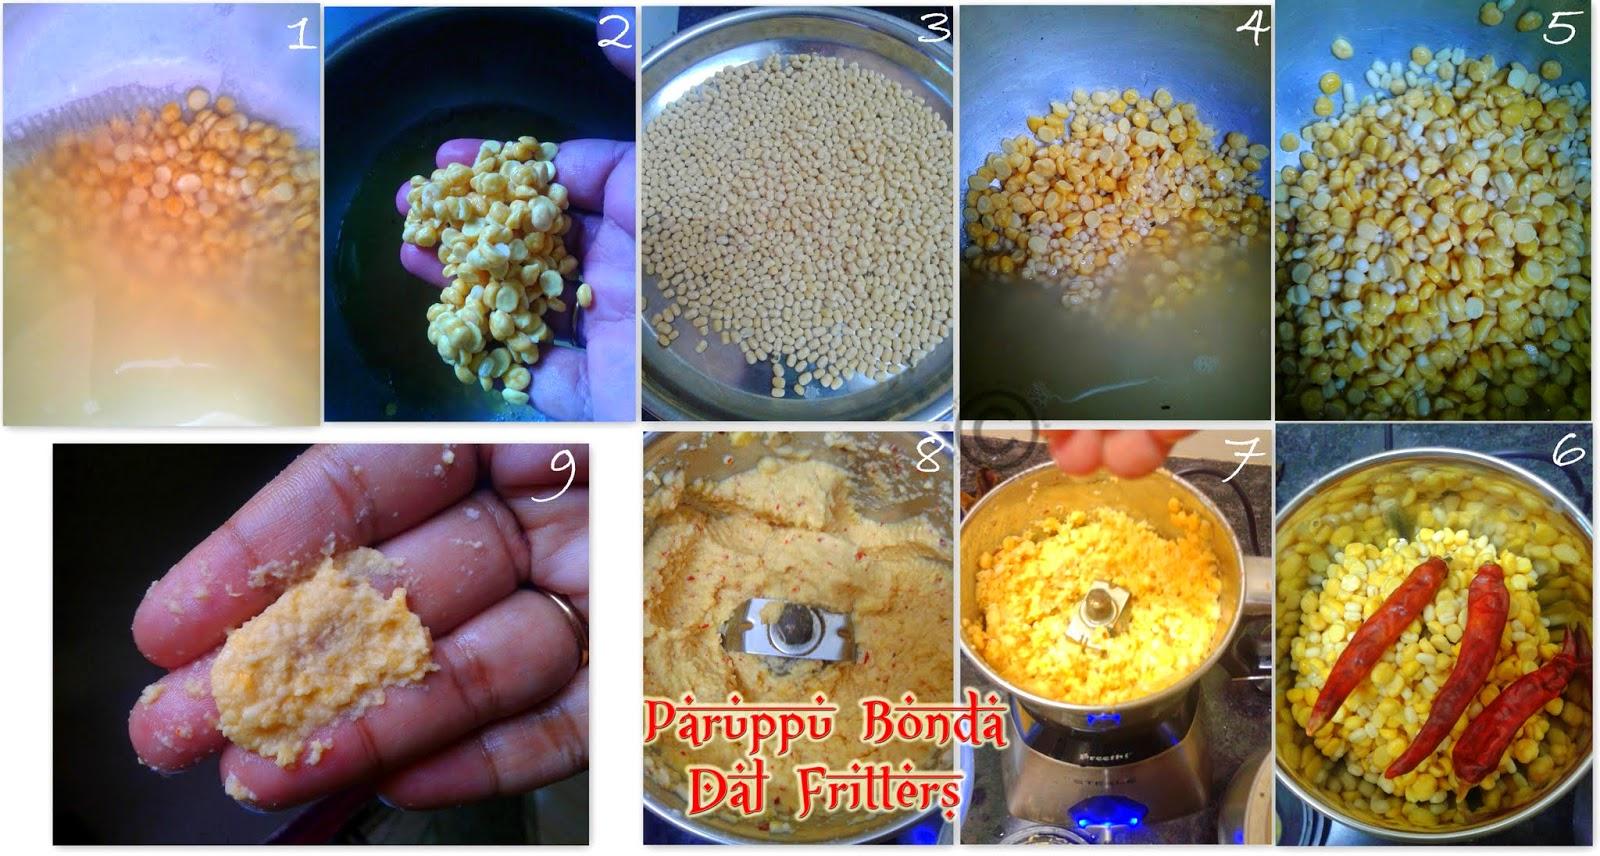 south-india-snacks-recipes